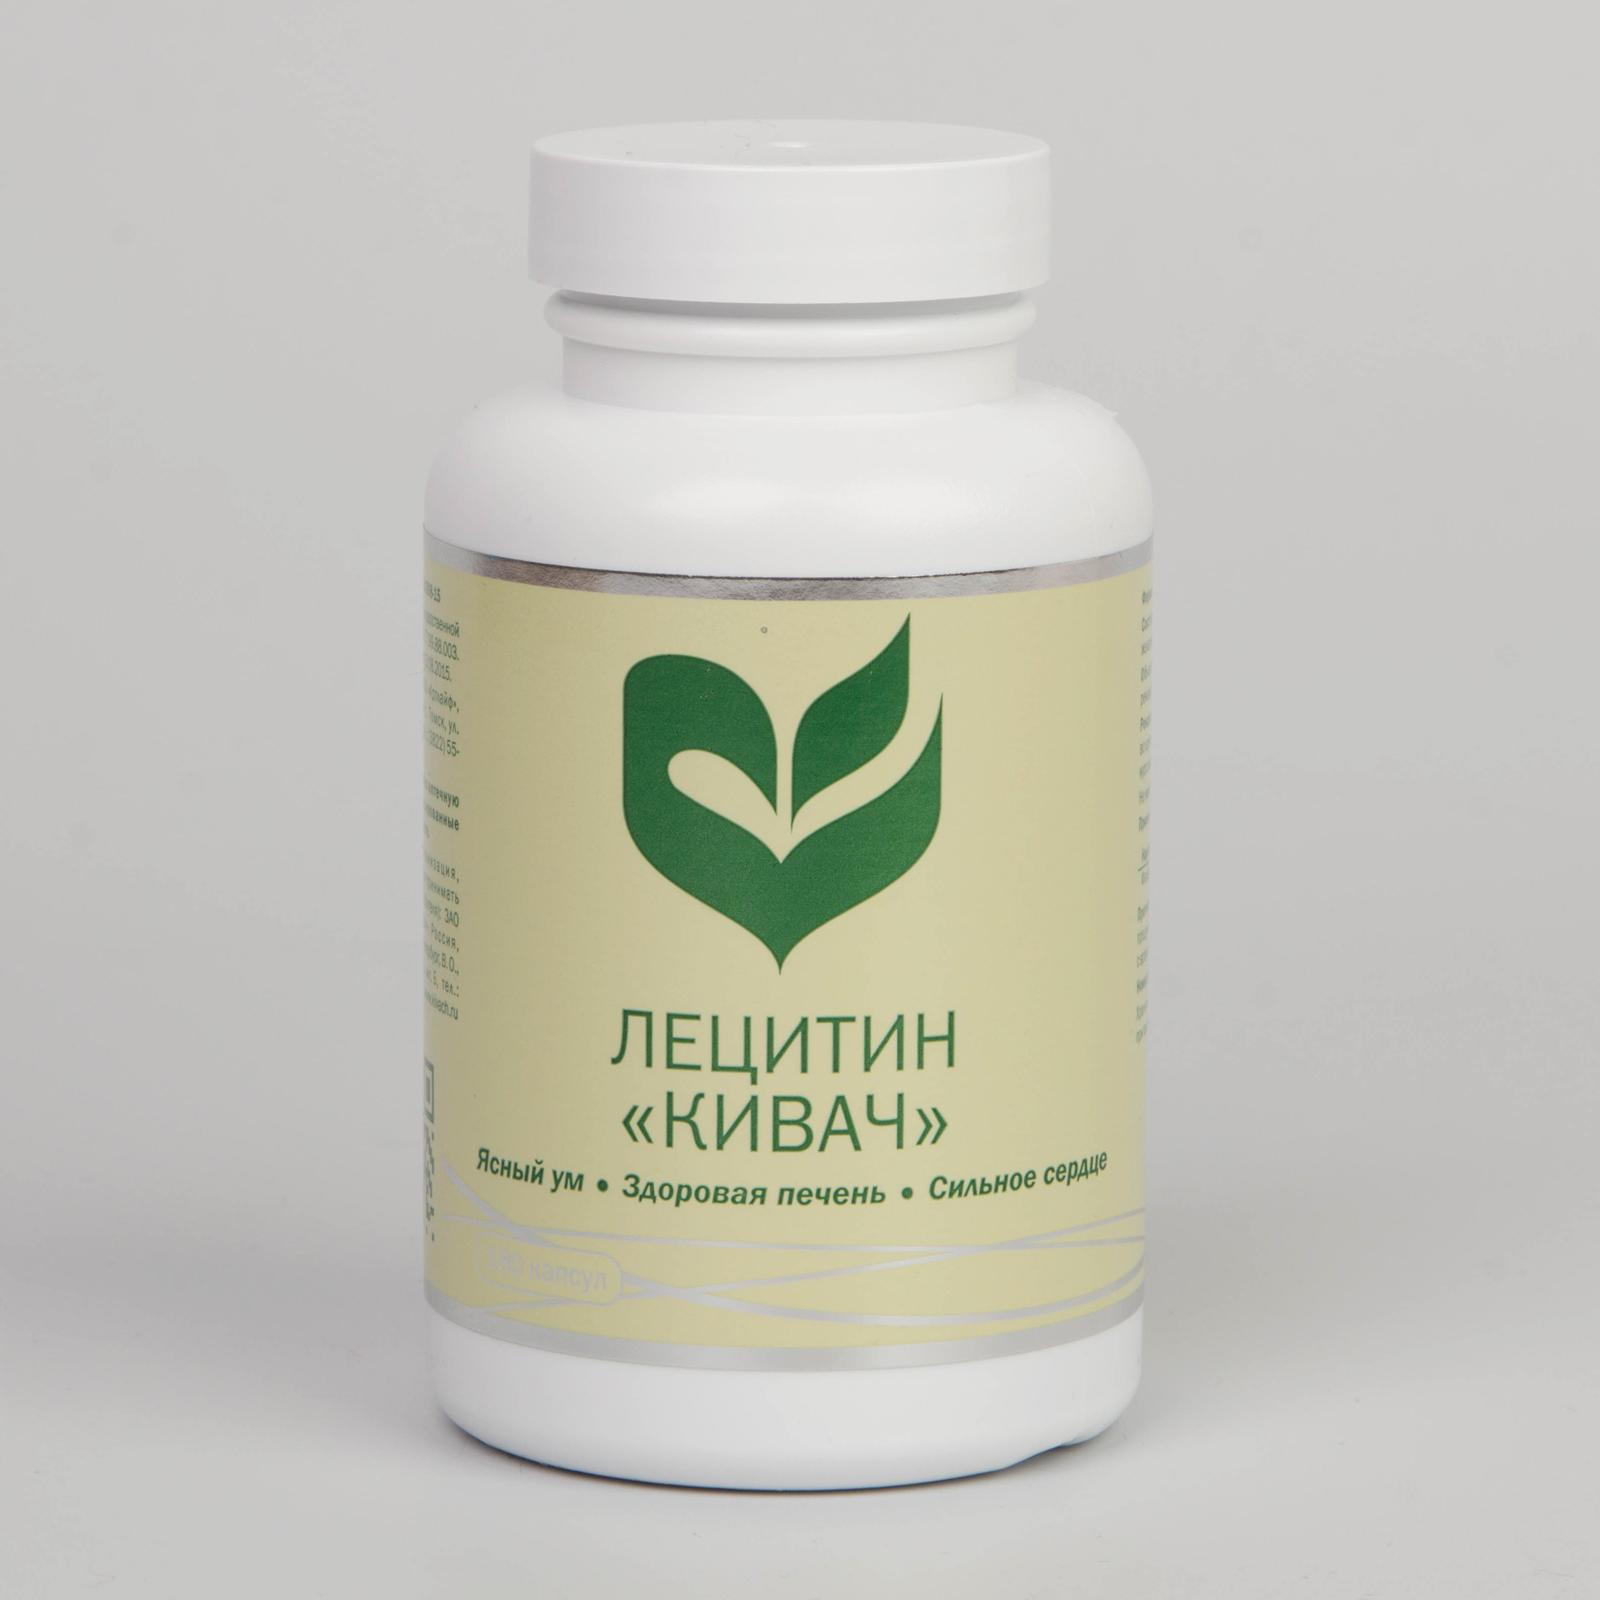 Лецитин «Ясный ум. Здоровая печень. Сильное сердце»